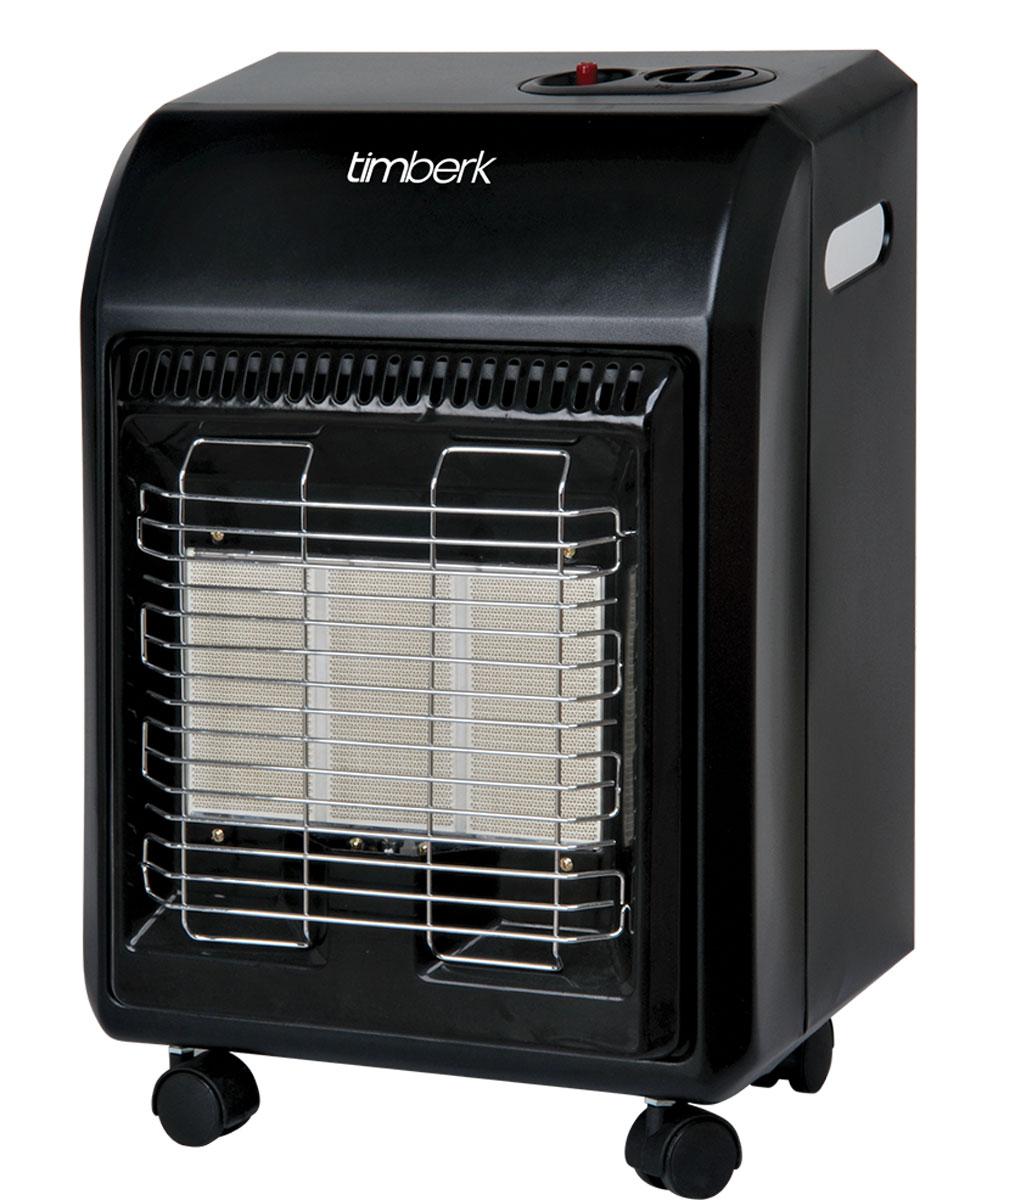 Timberk TGH 4200 SM1, Black газовый керамический обогреватель газовый инфракрасный обогреватель timberk tgh 4200 sm1